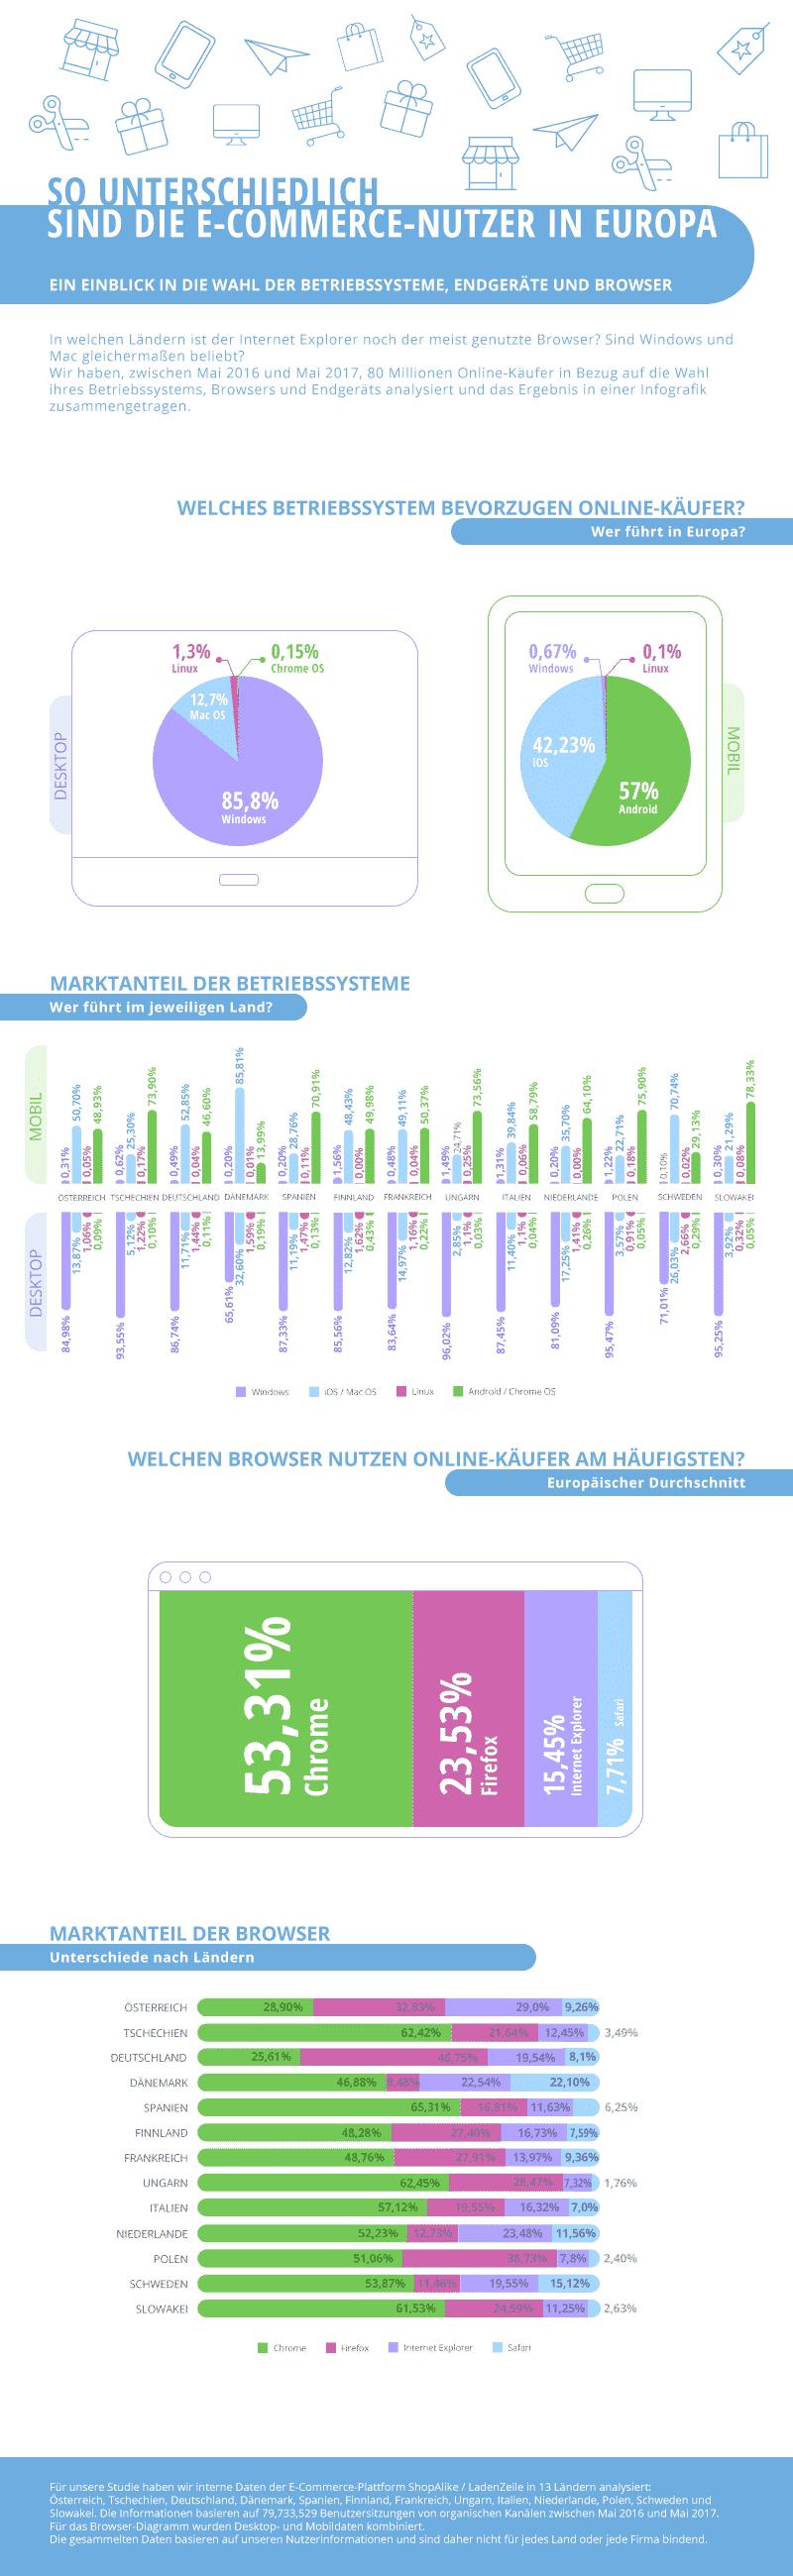 Infografik Betriebssysteme und Browser im E-Commerce